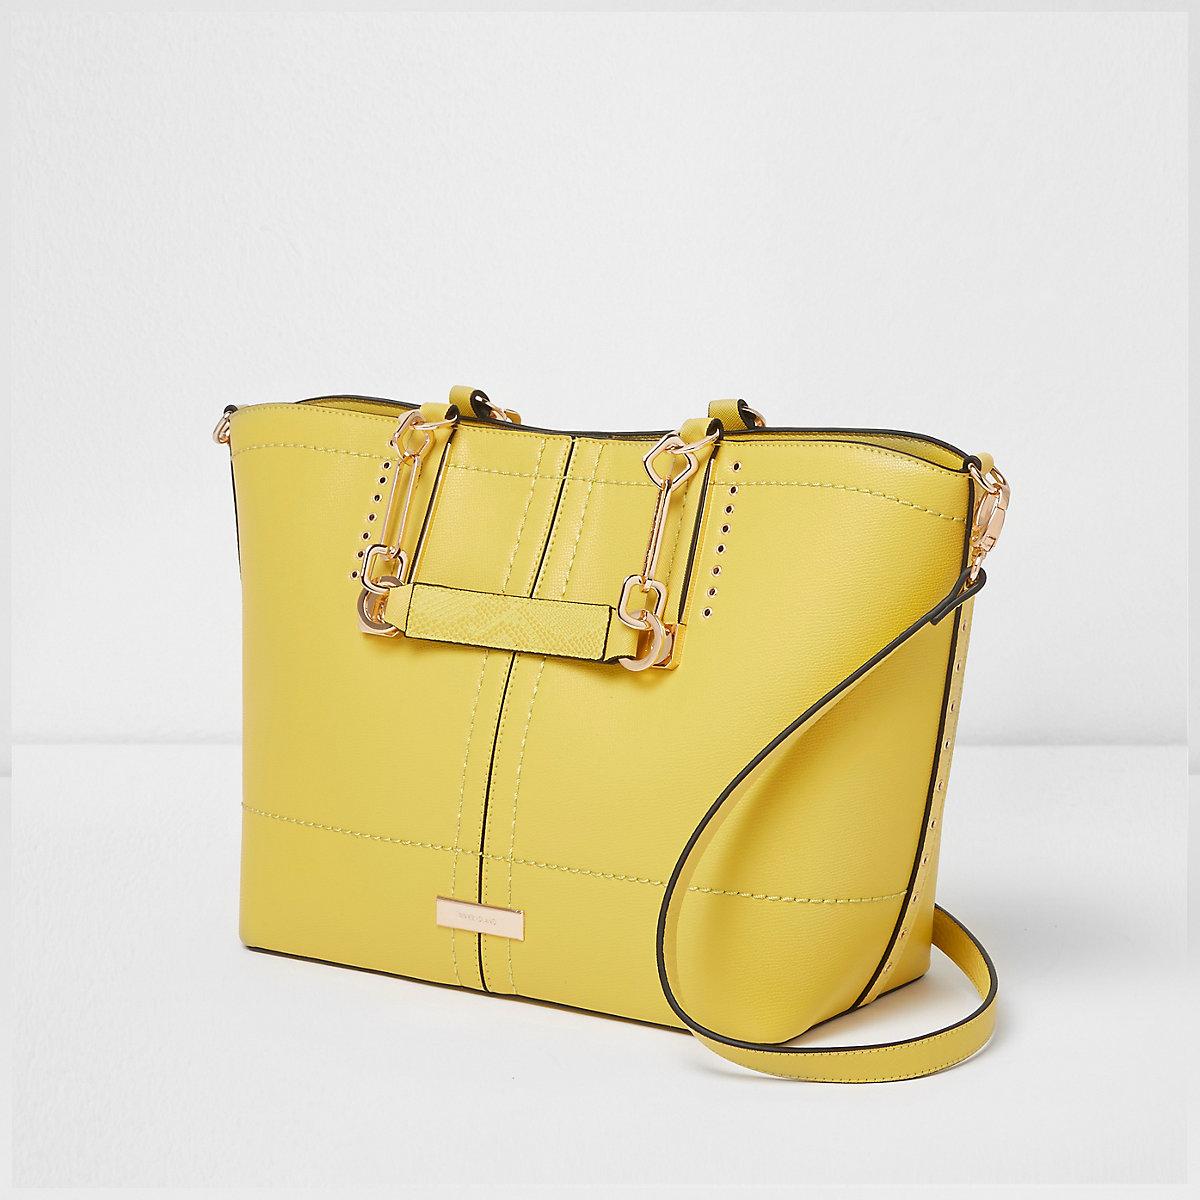 Gelbe Tote Bag mit Flügeln